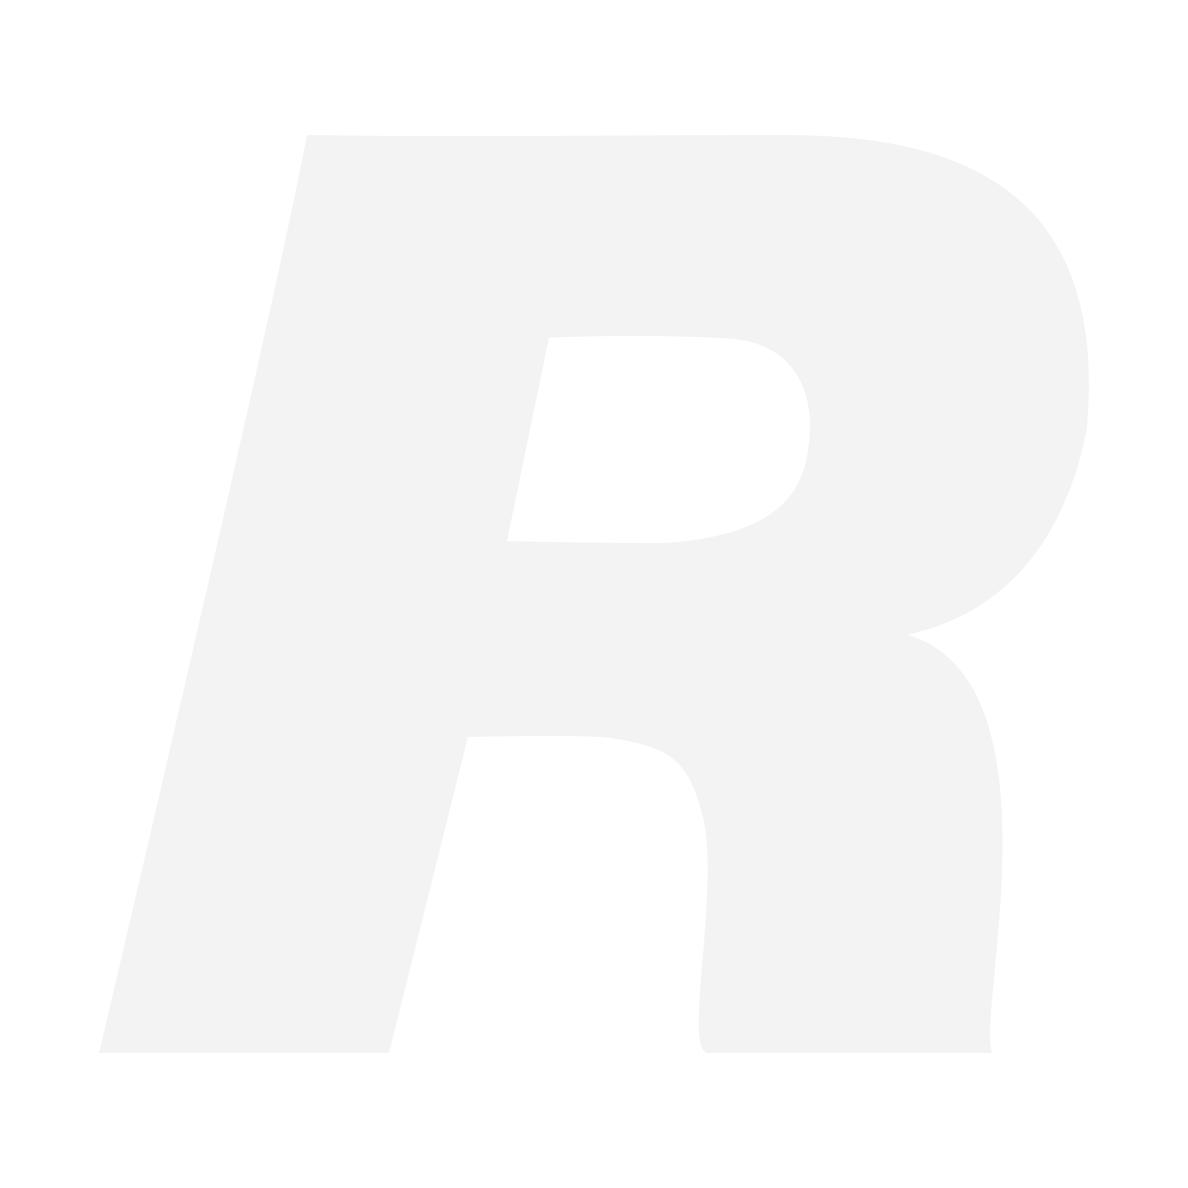 Profoto Grid Kit (Profoto A1)